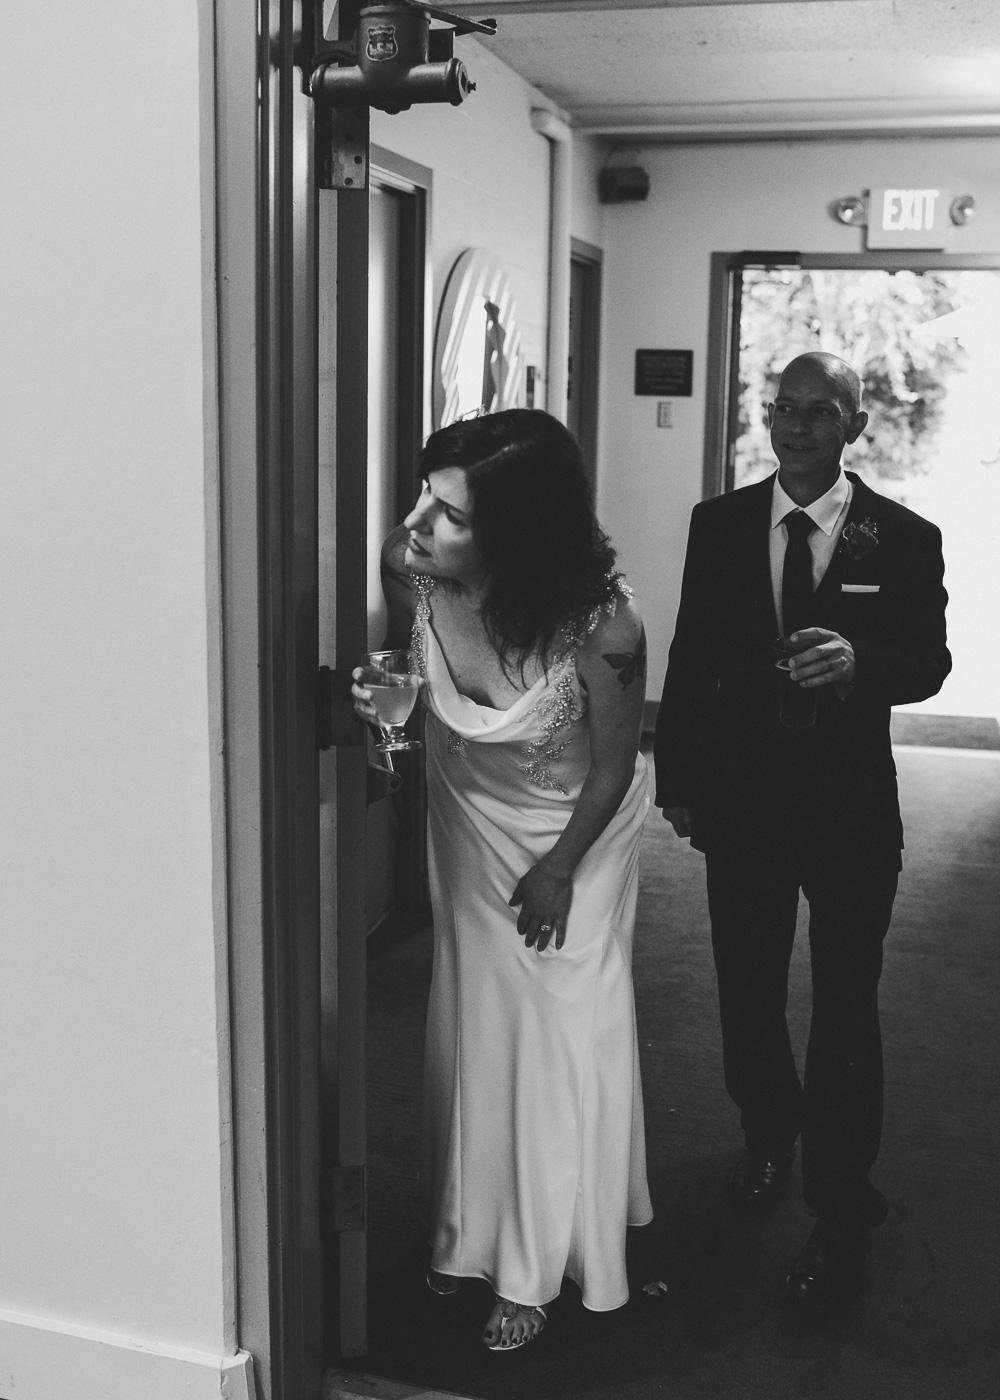 documentaryweddingphotographerseattle.jpg